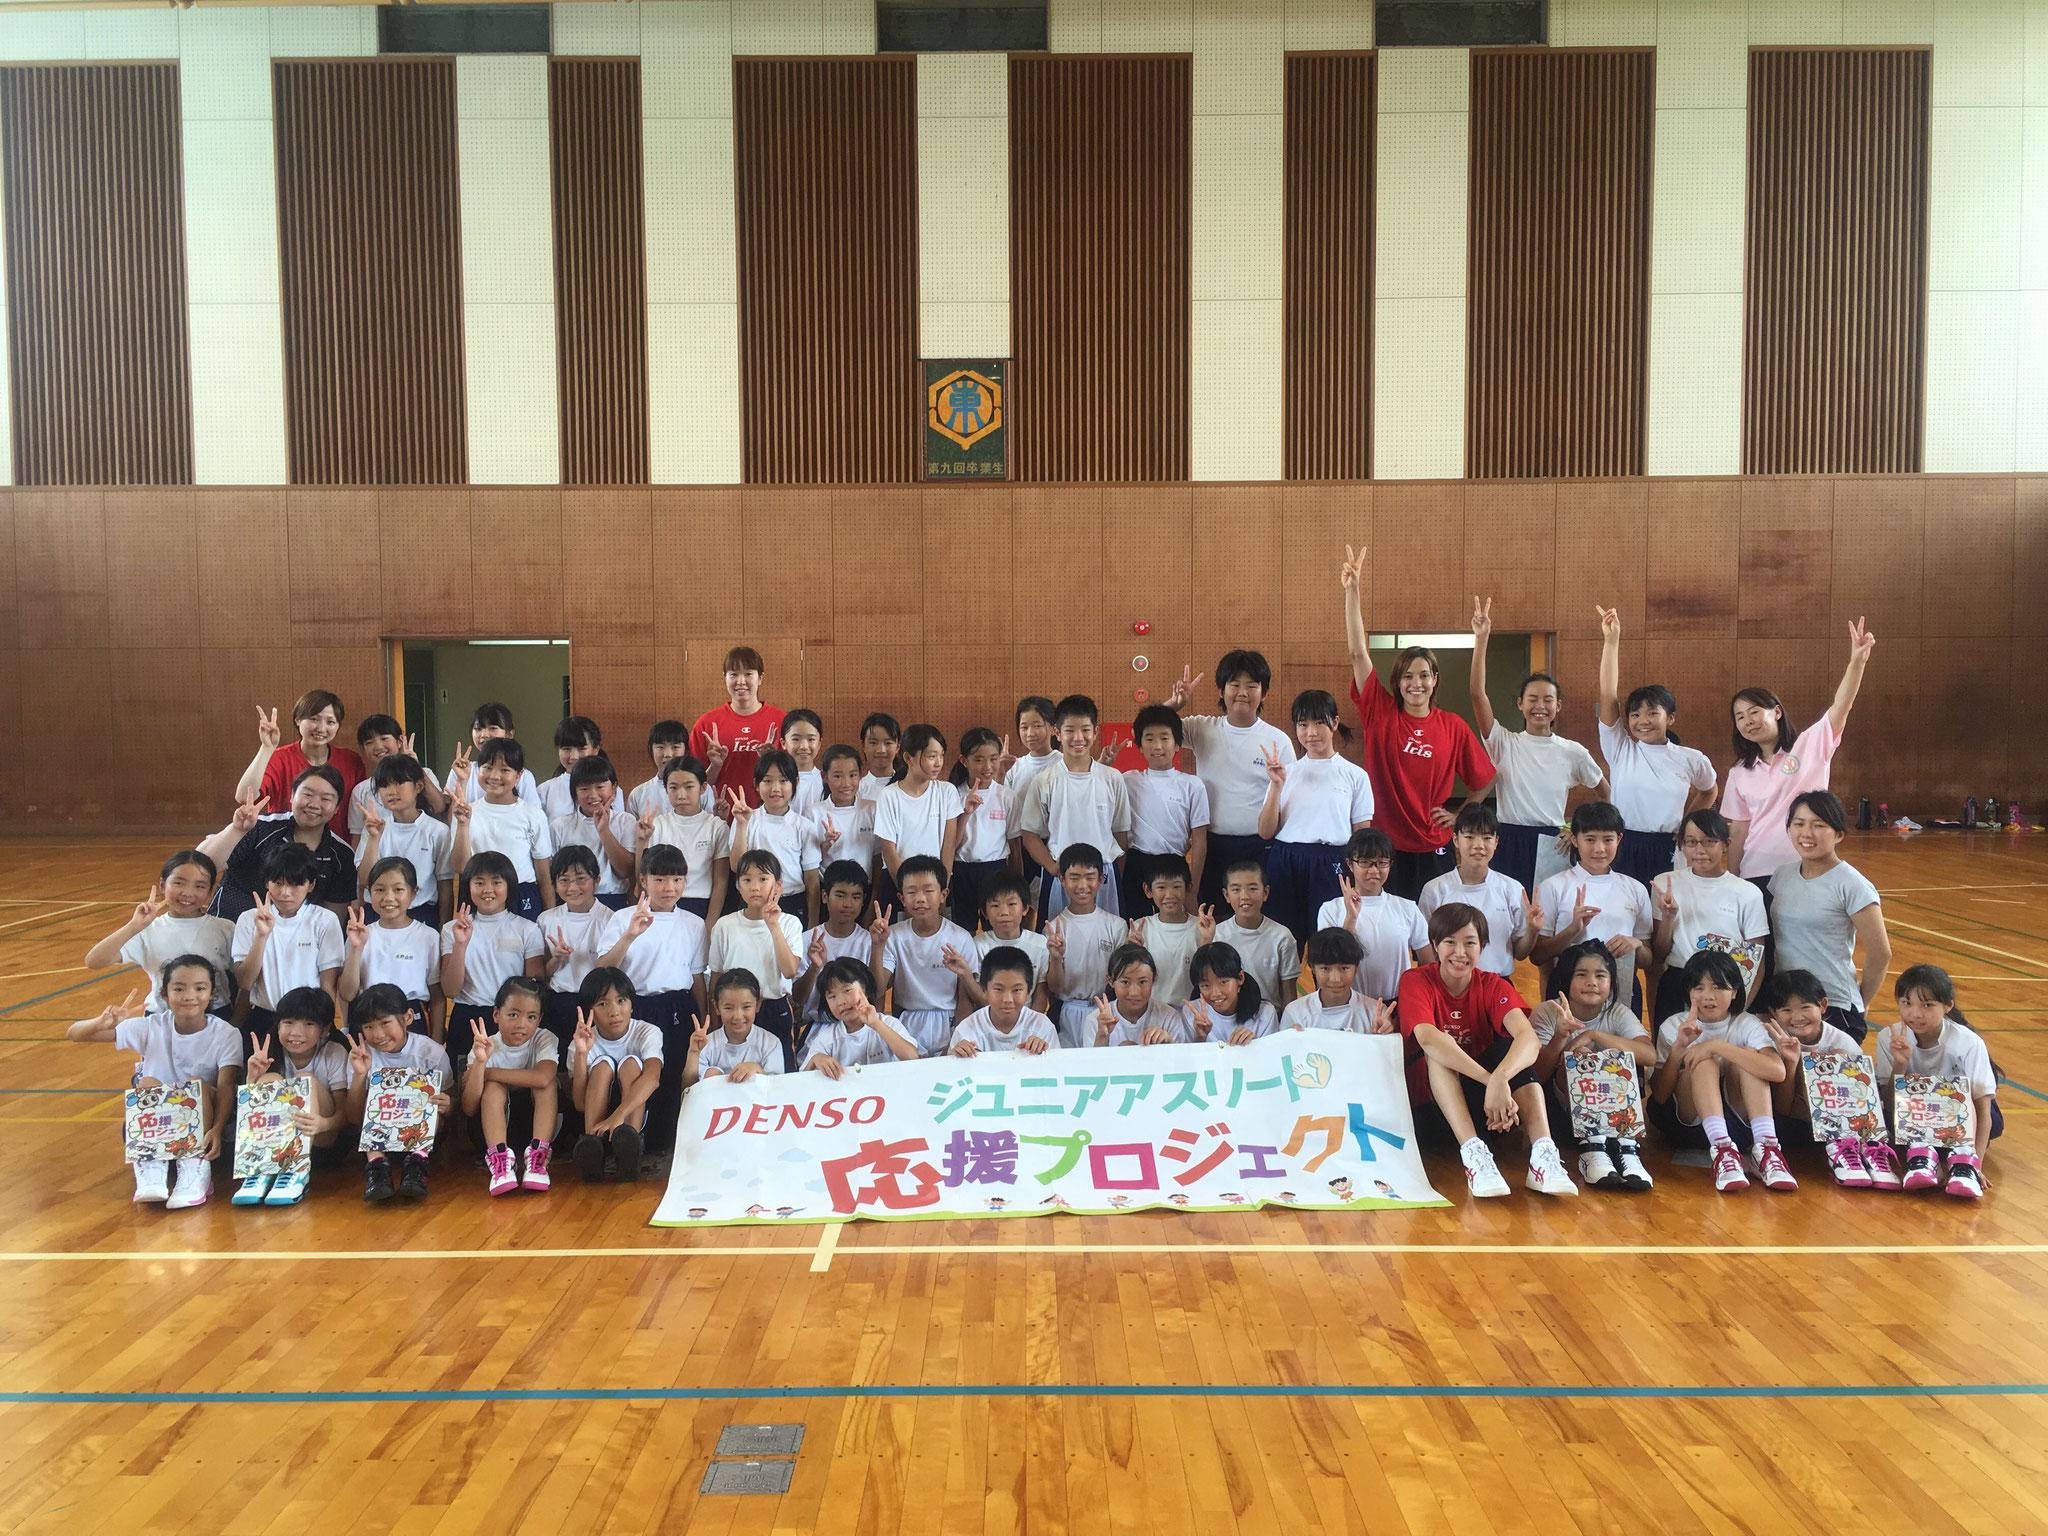 刈谷市立富士松東小学校